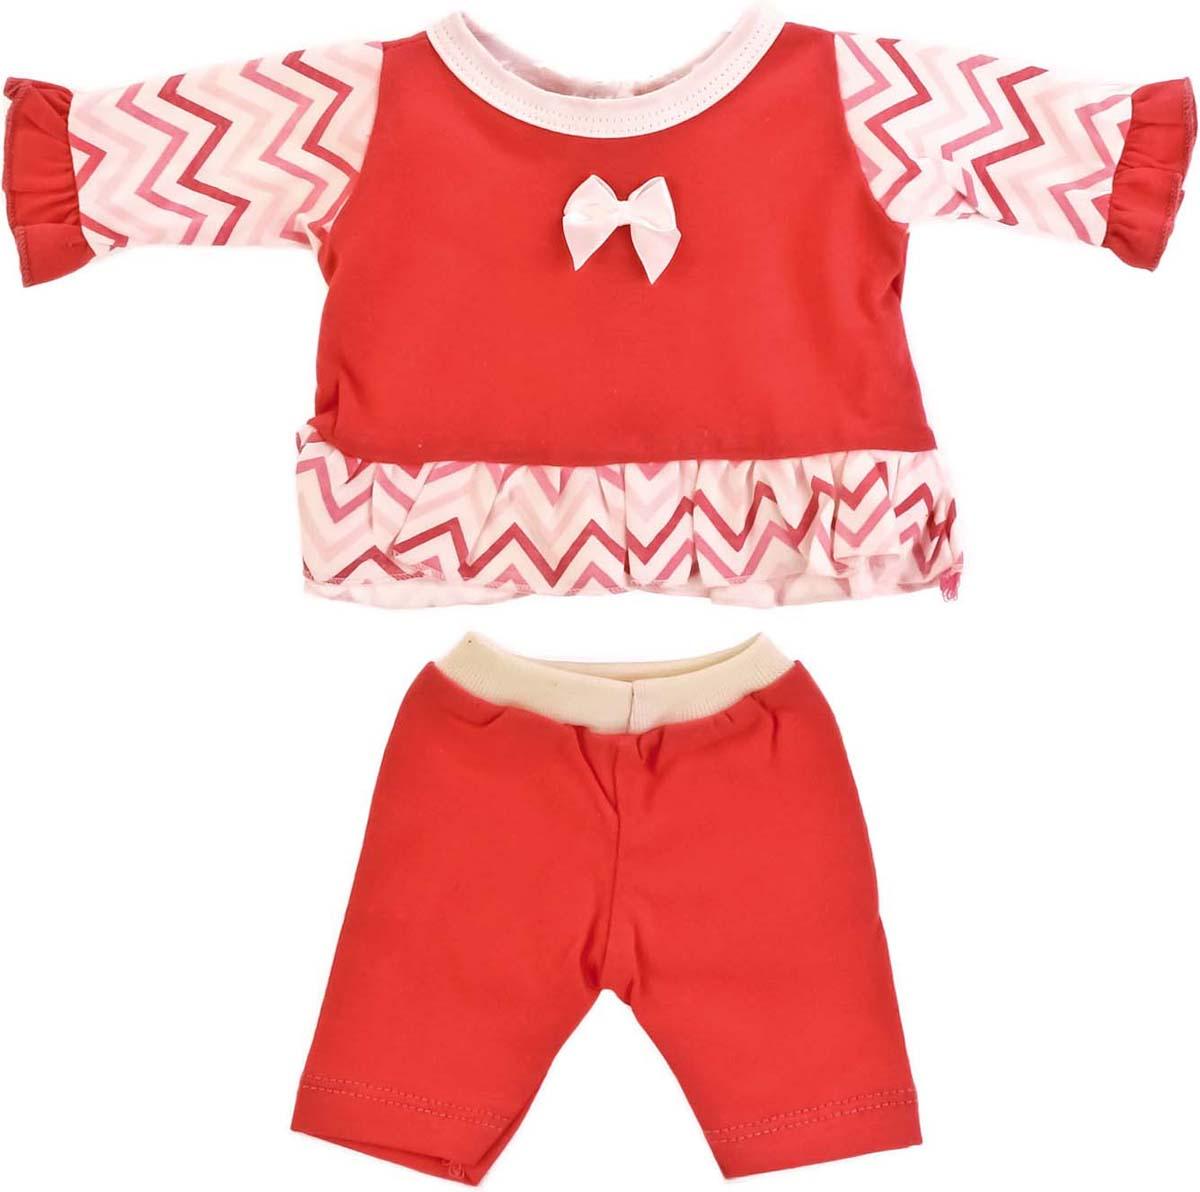 Карапуз Одежда для кукол Костюм цвет розовый куклы и одежда для кукол карапуз принцесса софия 25 см